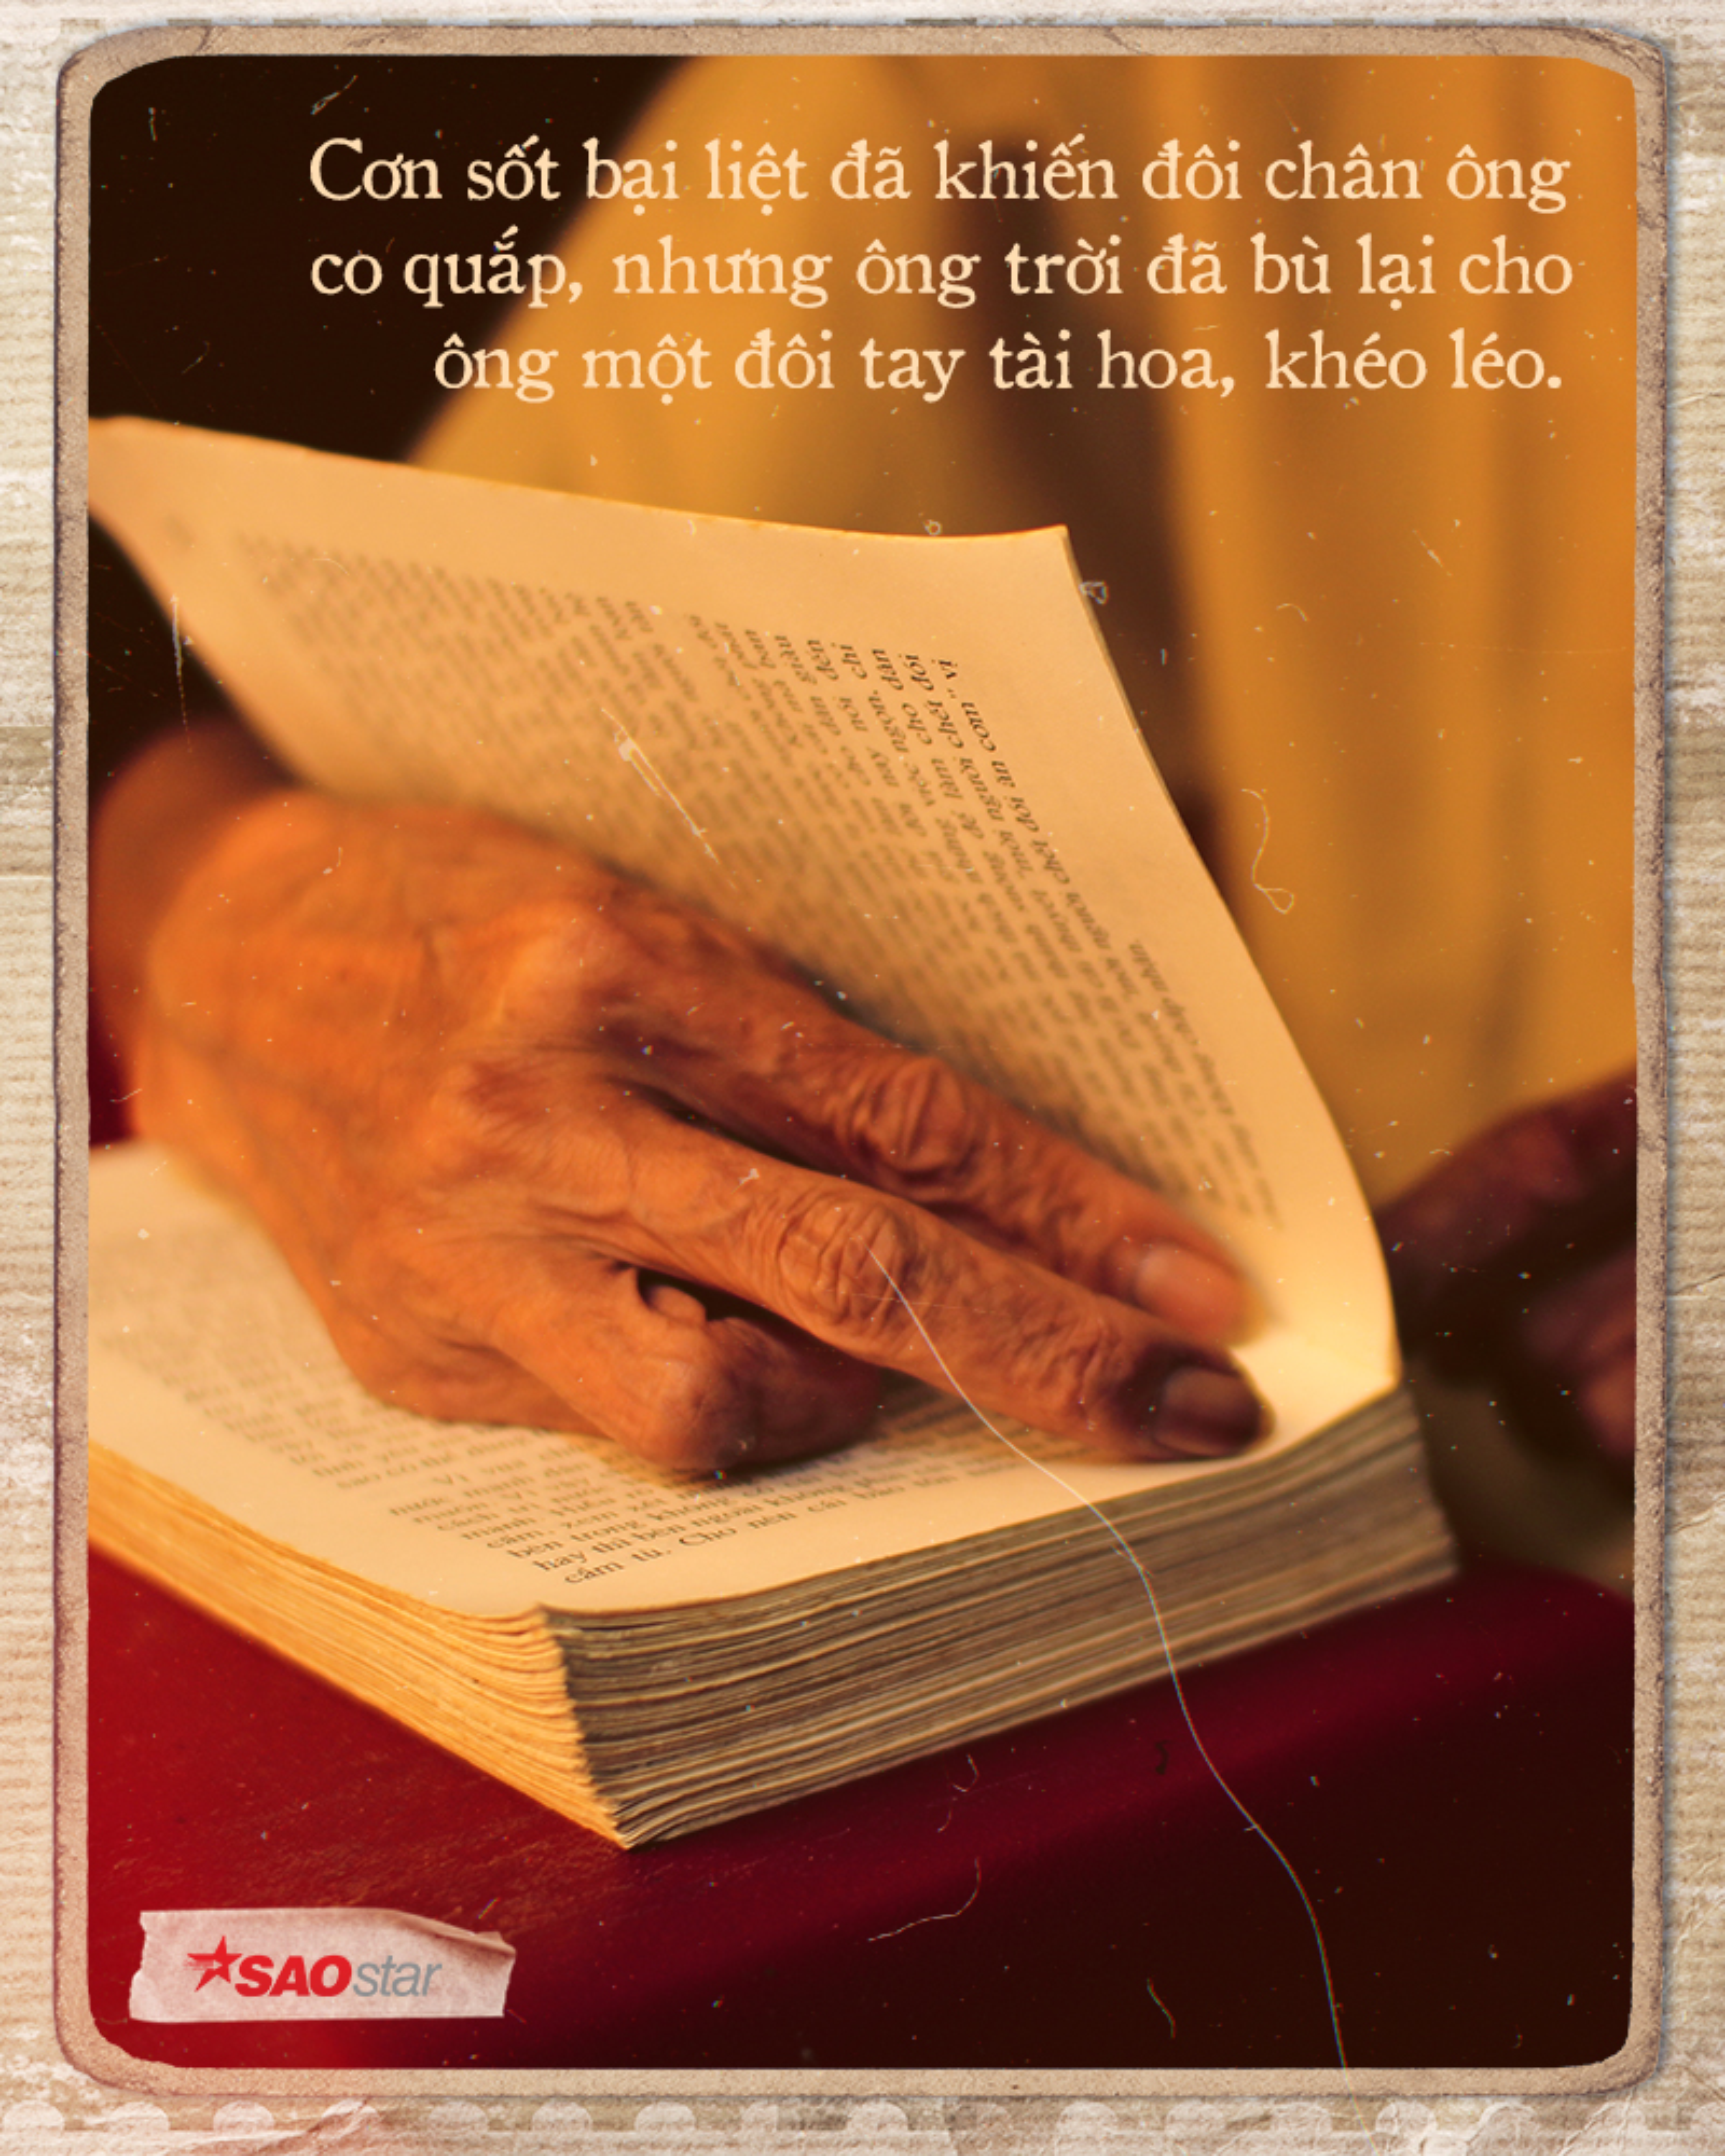 Đôi tay mang 'màu thời gian' của người đàn ông 40 năm làm nghề sửa sách ở Sài Gòn Ảnh 2